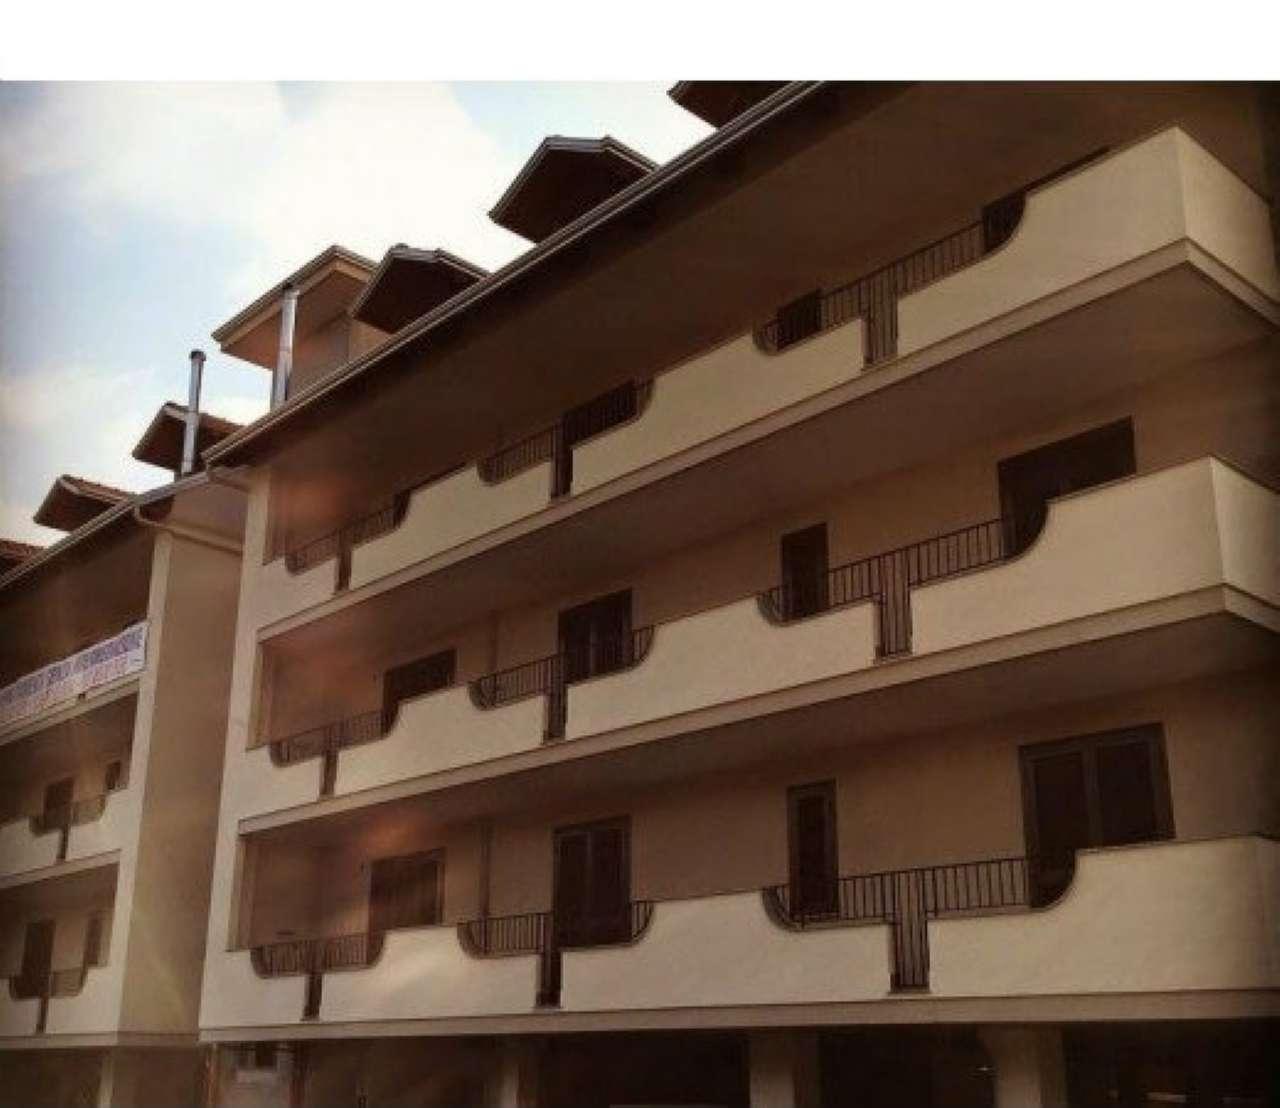 Appartamento in vendita a Giugliano in Campania, 4 locali, prezzo € 150.000 | CambioCasa.it